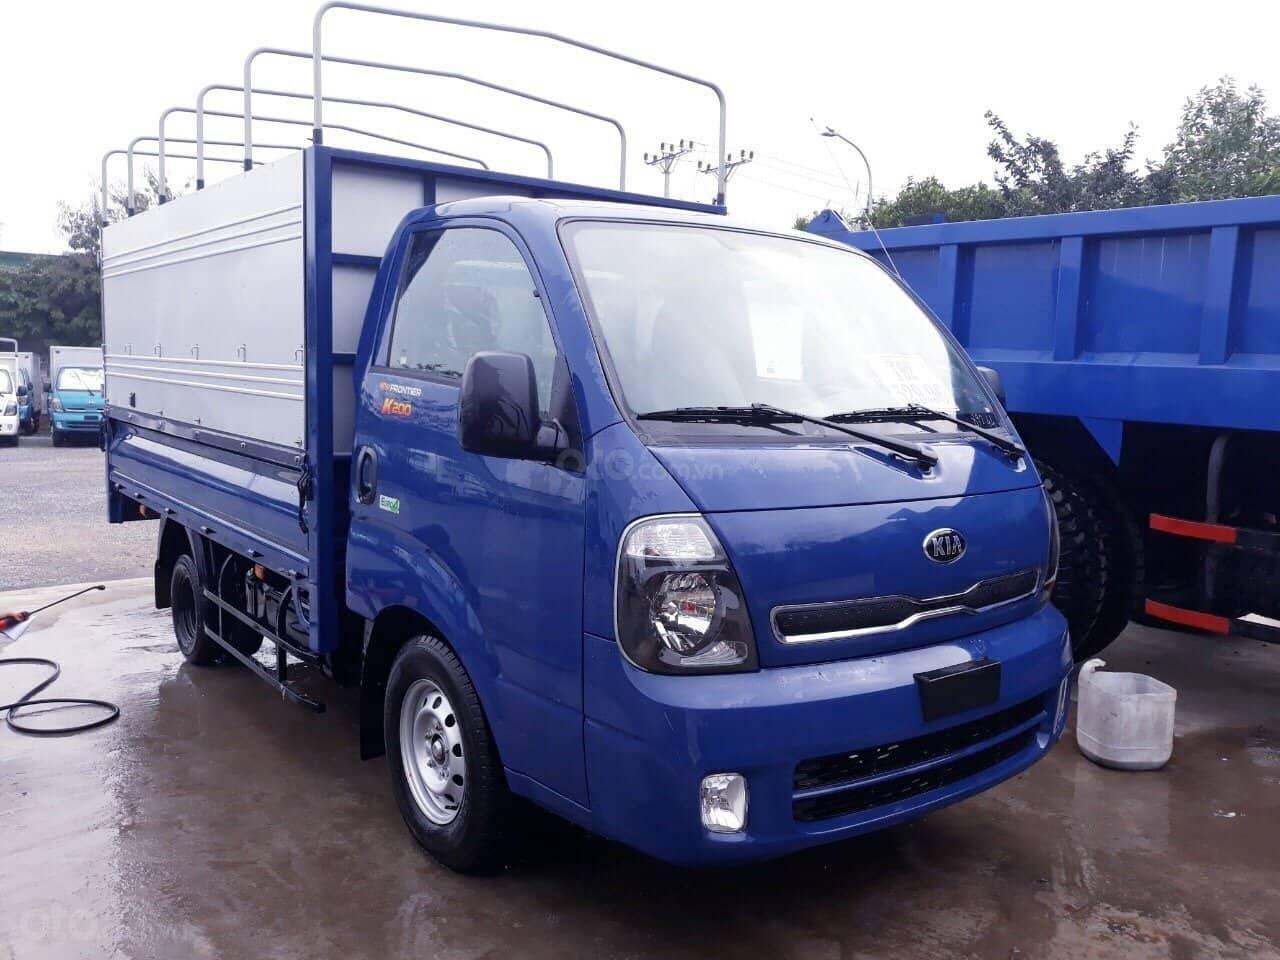 Báo giá xe tải 1 tấn 2 tấn 1 tấn rưỡi Kia K200 giá siêu tốt trả góp tối 120tr lấy xe, tải trọng đa dạng đời 2020 (4)